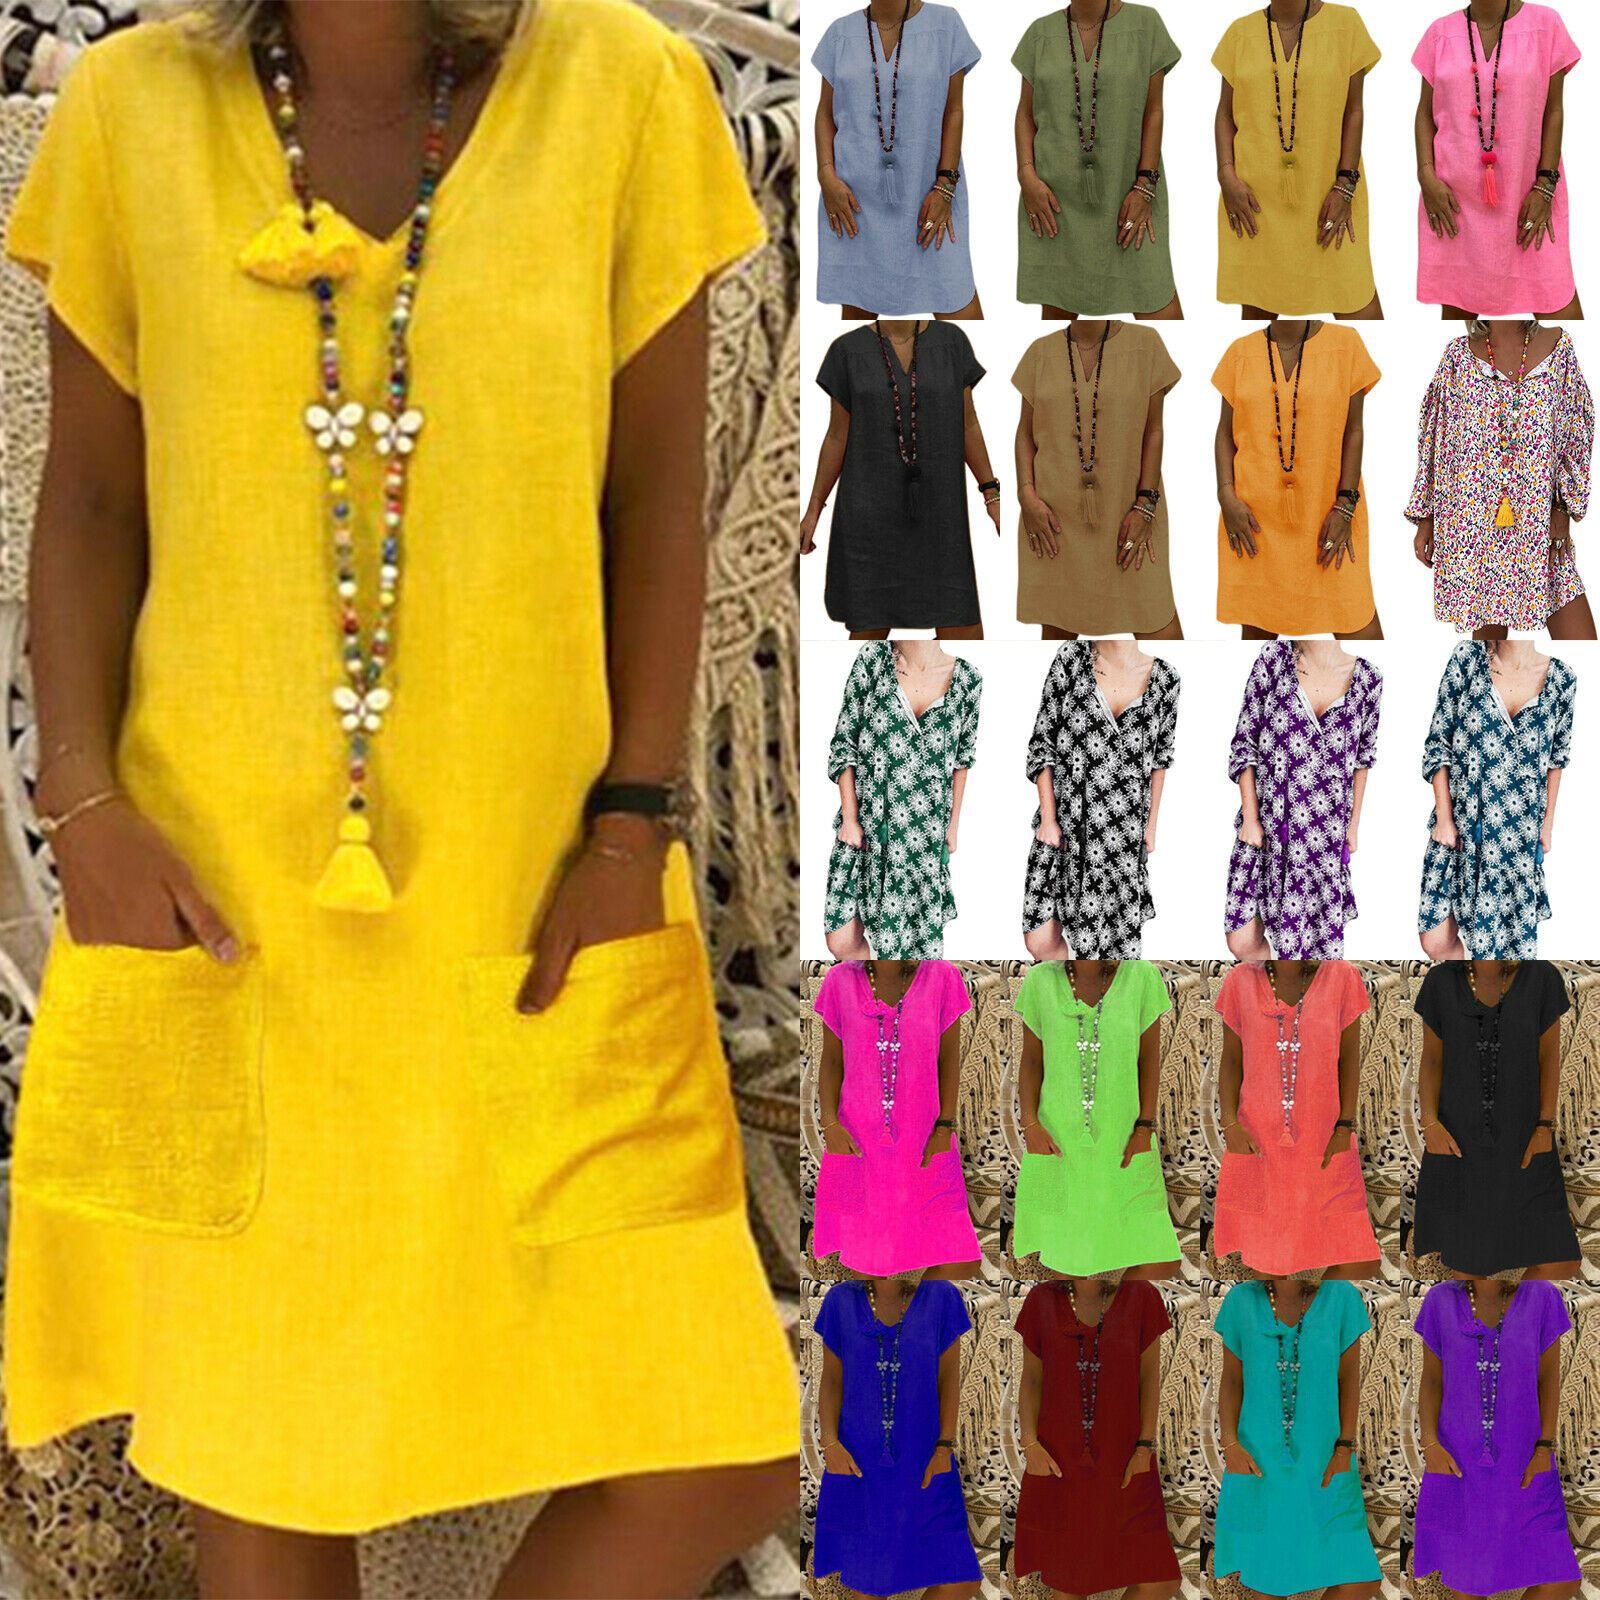 Mode Kleid High Waist Casual Beachwear Minikleid Damen V-Ausschnitt Partykleid